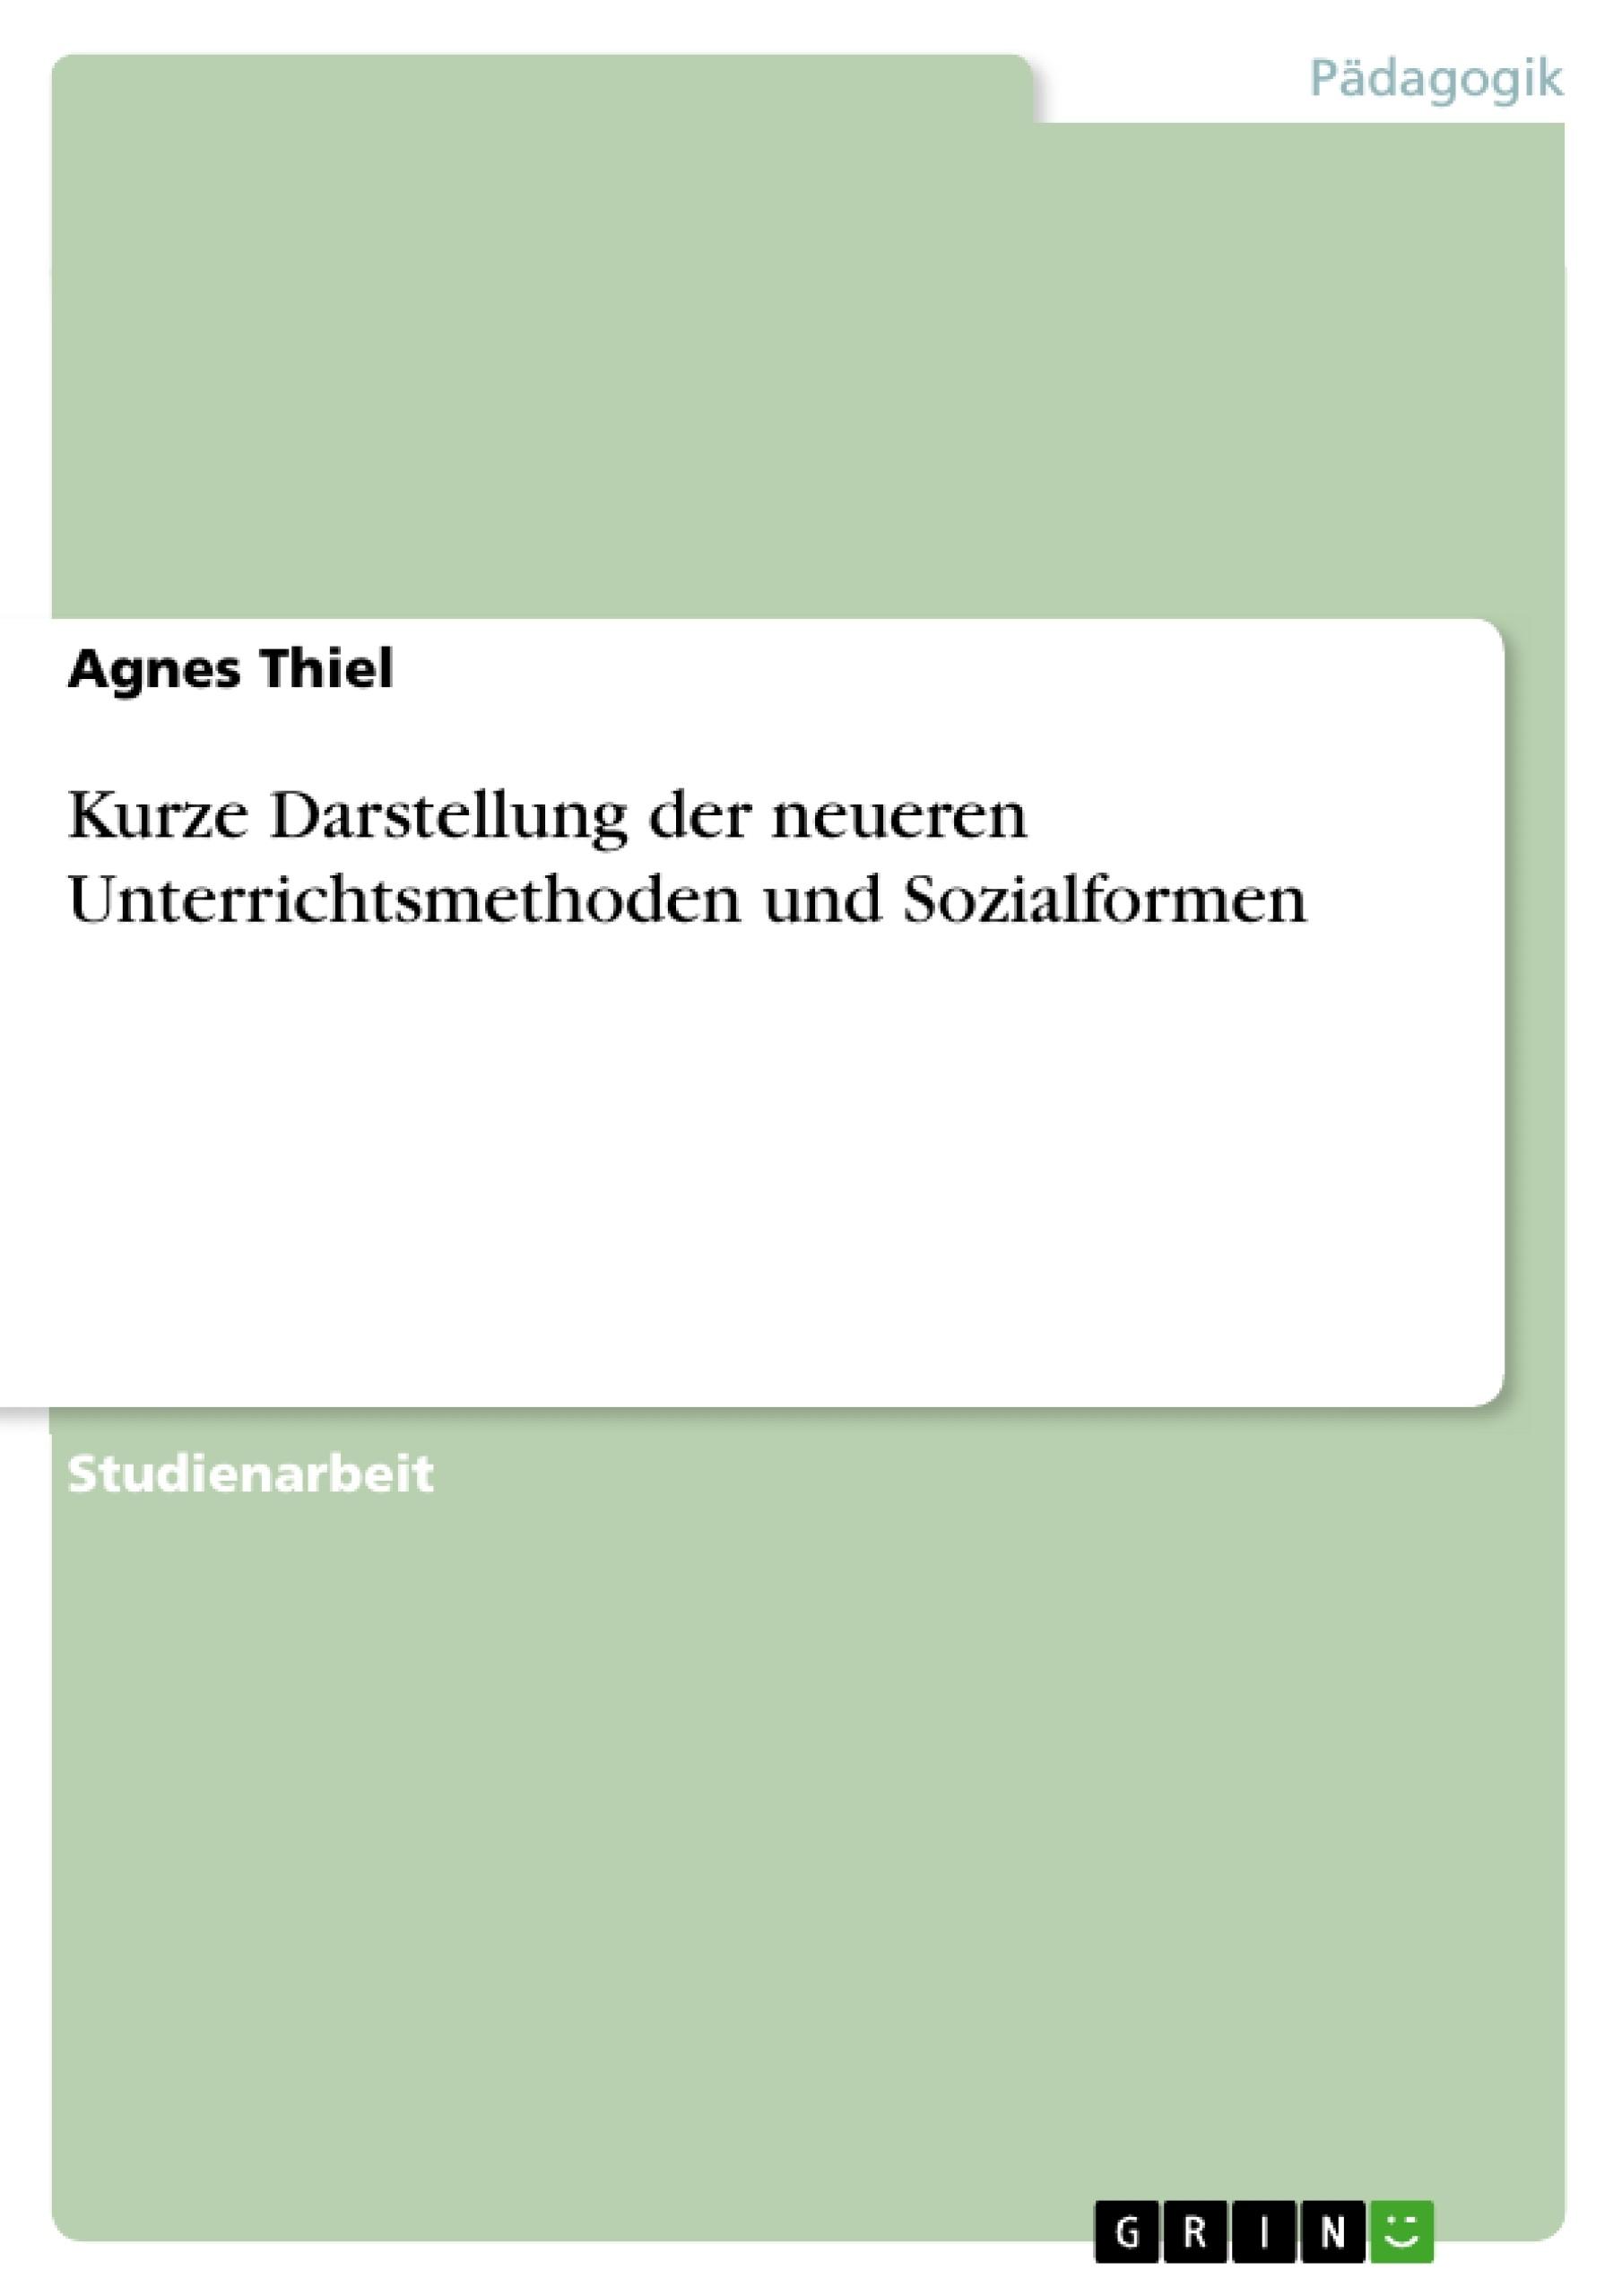 Titel: Kurze Darstellung der neueren Unterrichtsmethoden und Sozialformen